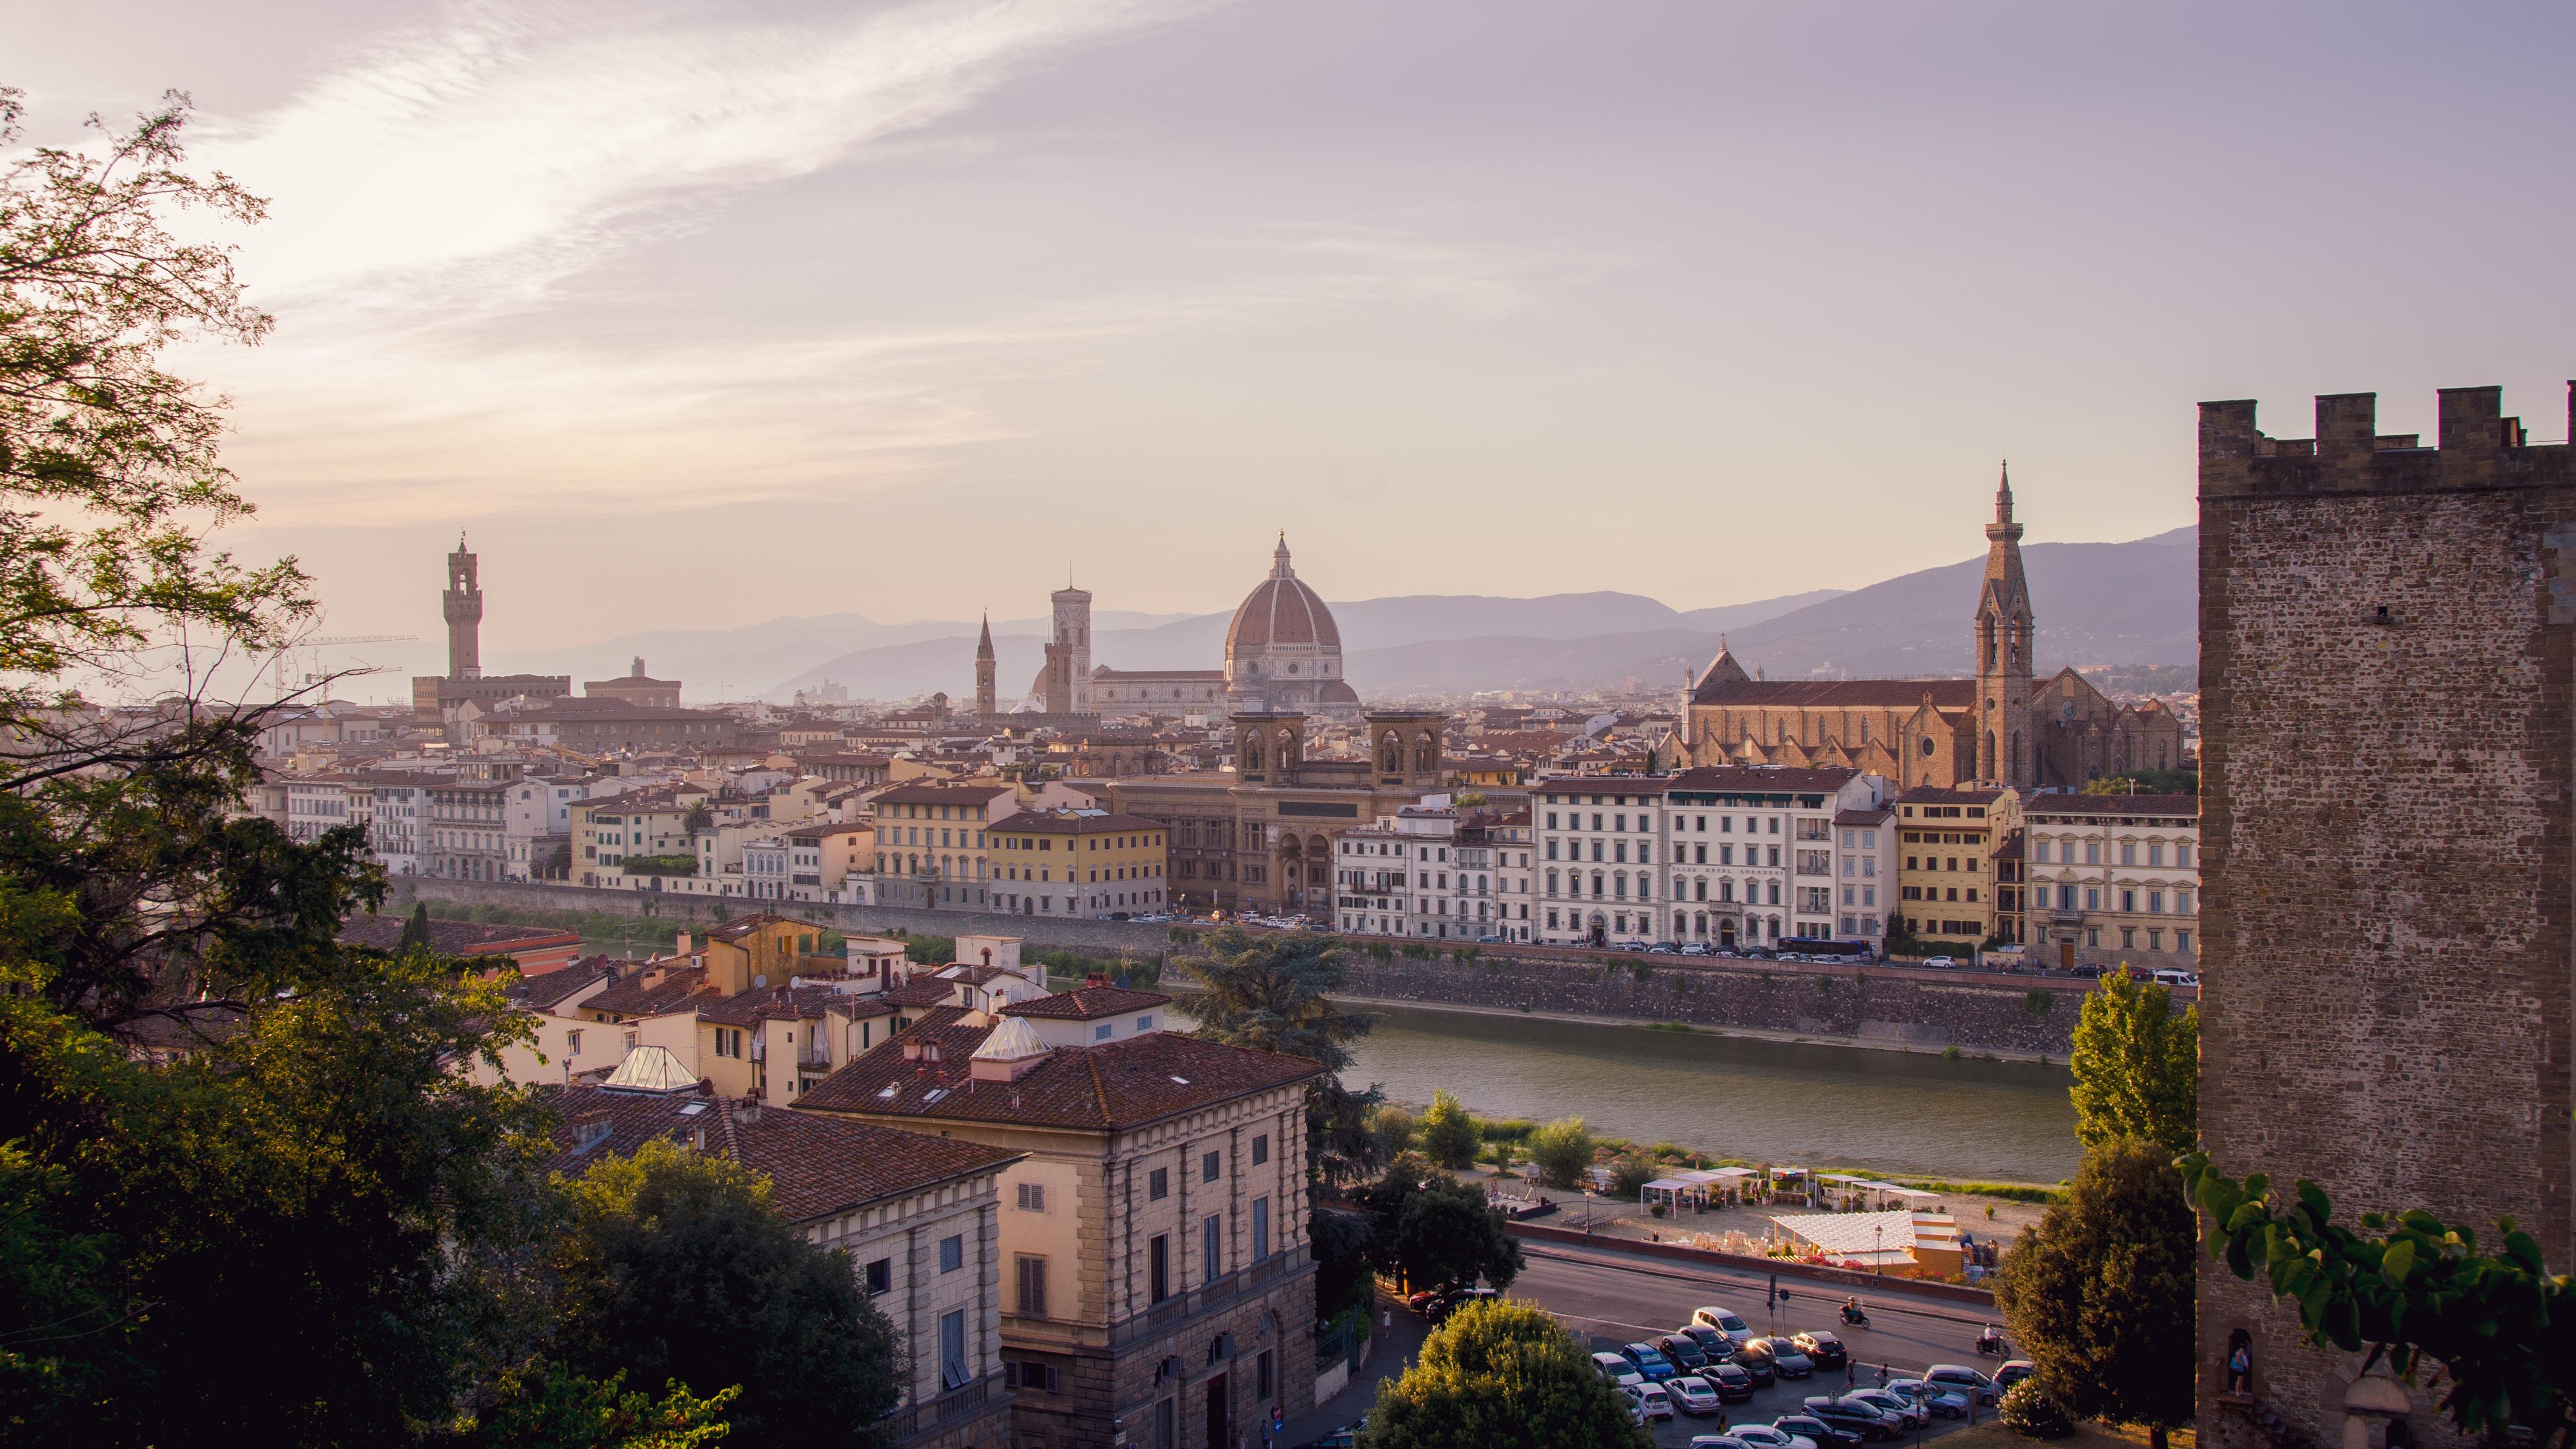 Firenze sostenibile: tutte le novità in città